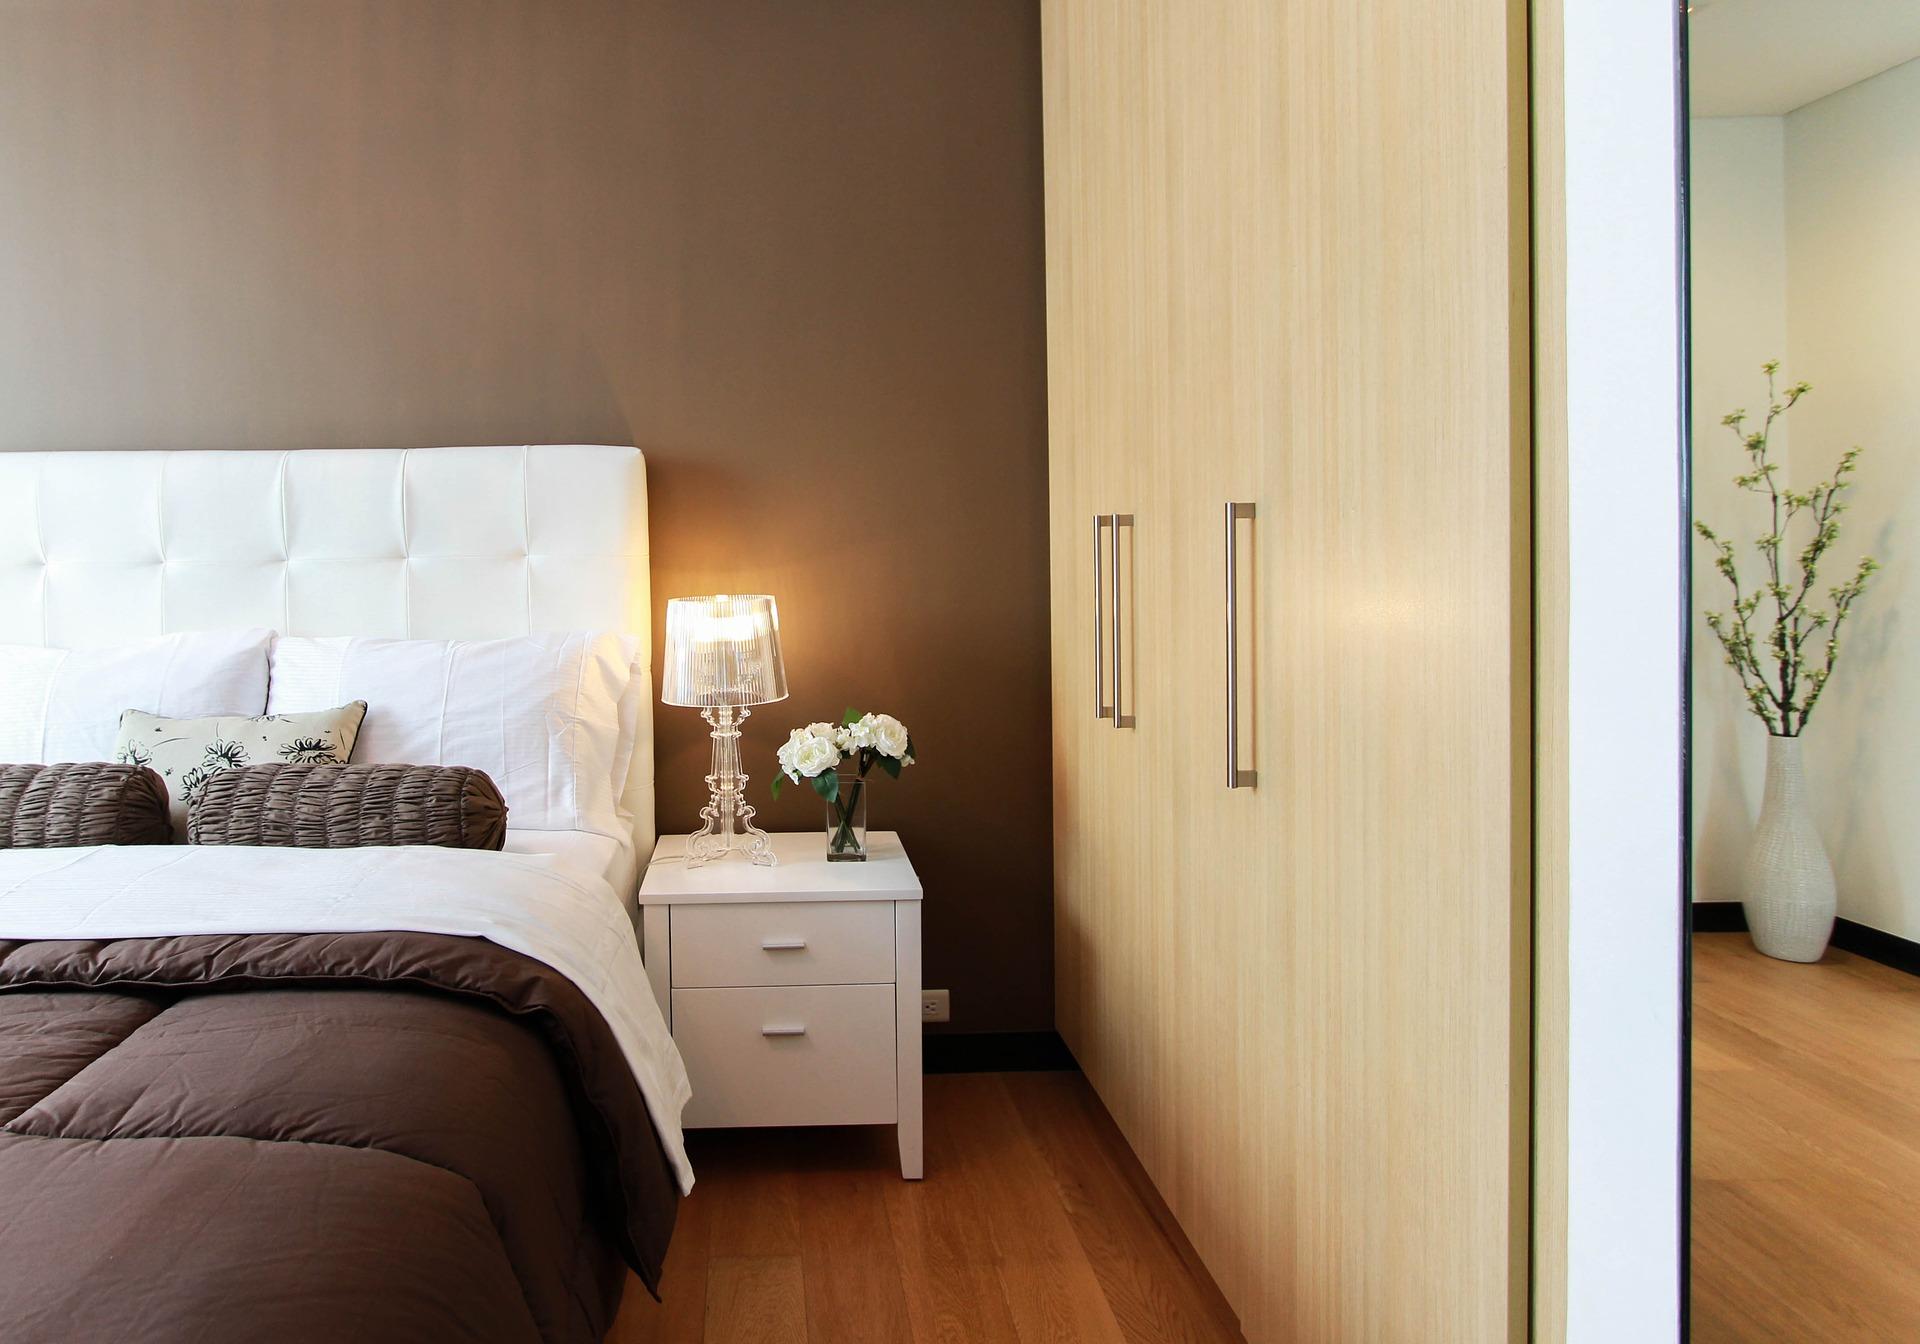 Exkurs: Raumgestaltung Von Schlafzimmern Für Studenten Bzw. Studentenzimmern